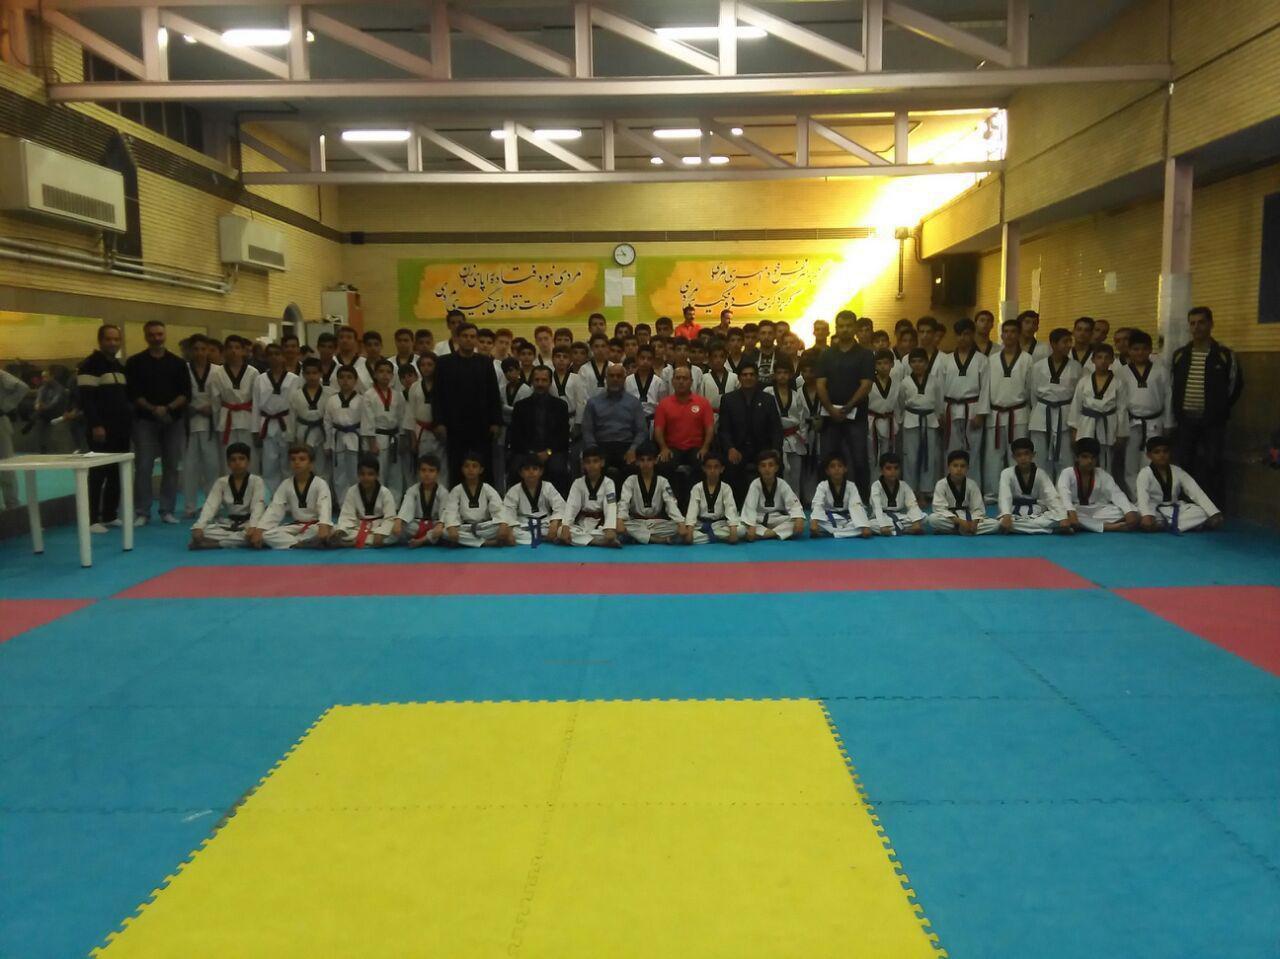 برگزارى آزمون كشورى قرمز تا دان ٢ دوره ٢٤١ پسران در خانه تكواندو شهرستان سنندج با موفقیت ورزشکاران سقزی